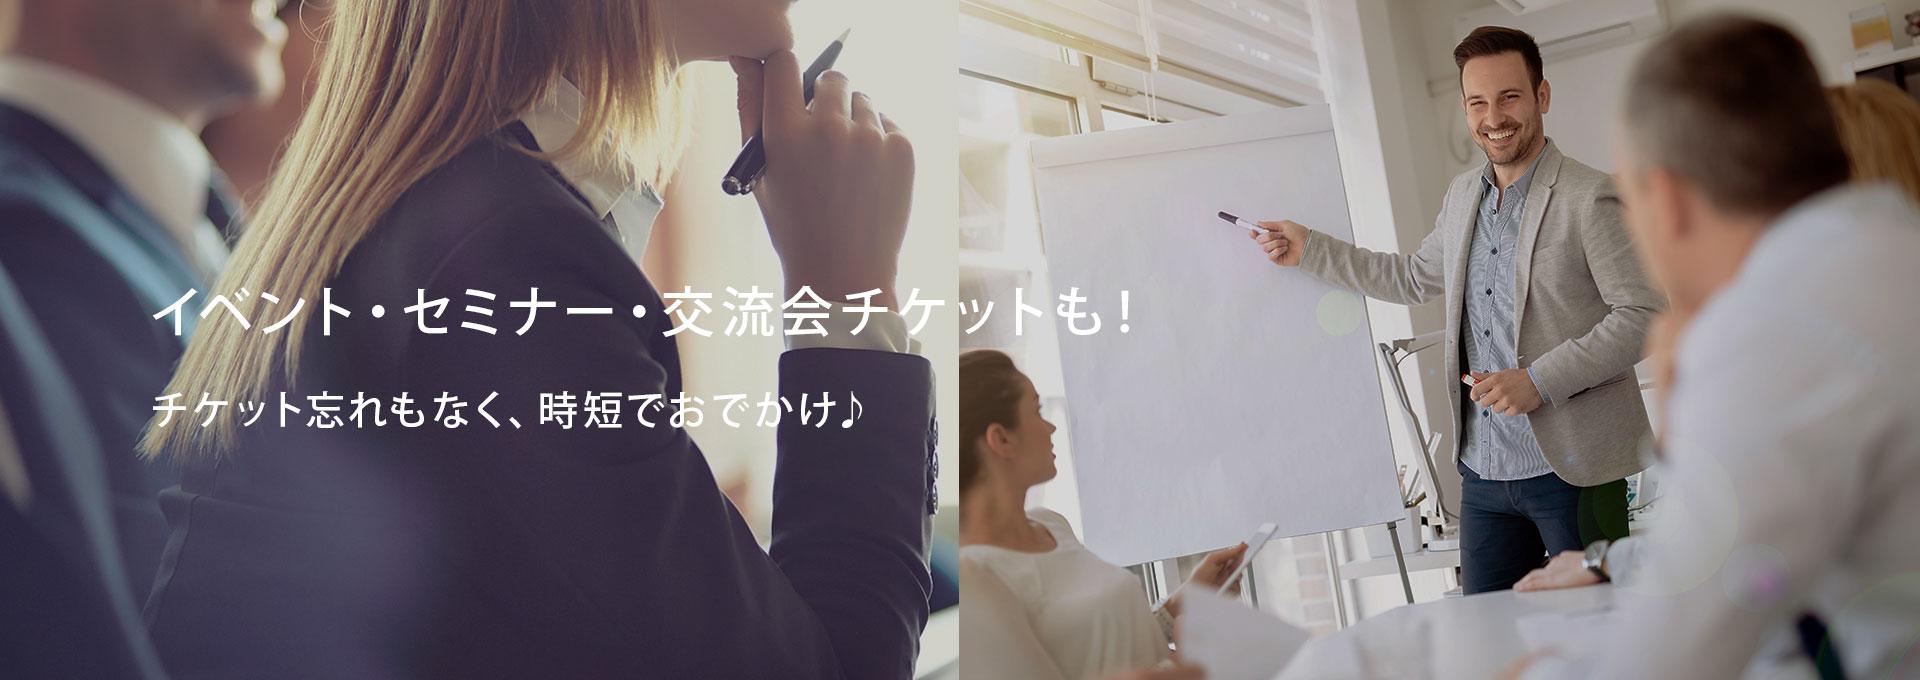 イベント・セミナー・交流会チケットも!